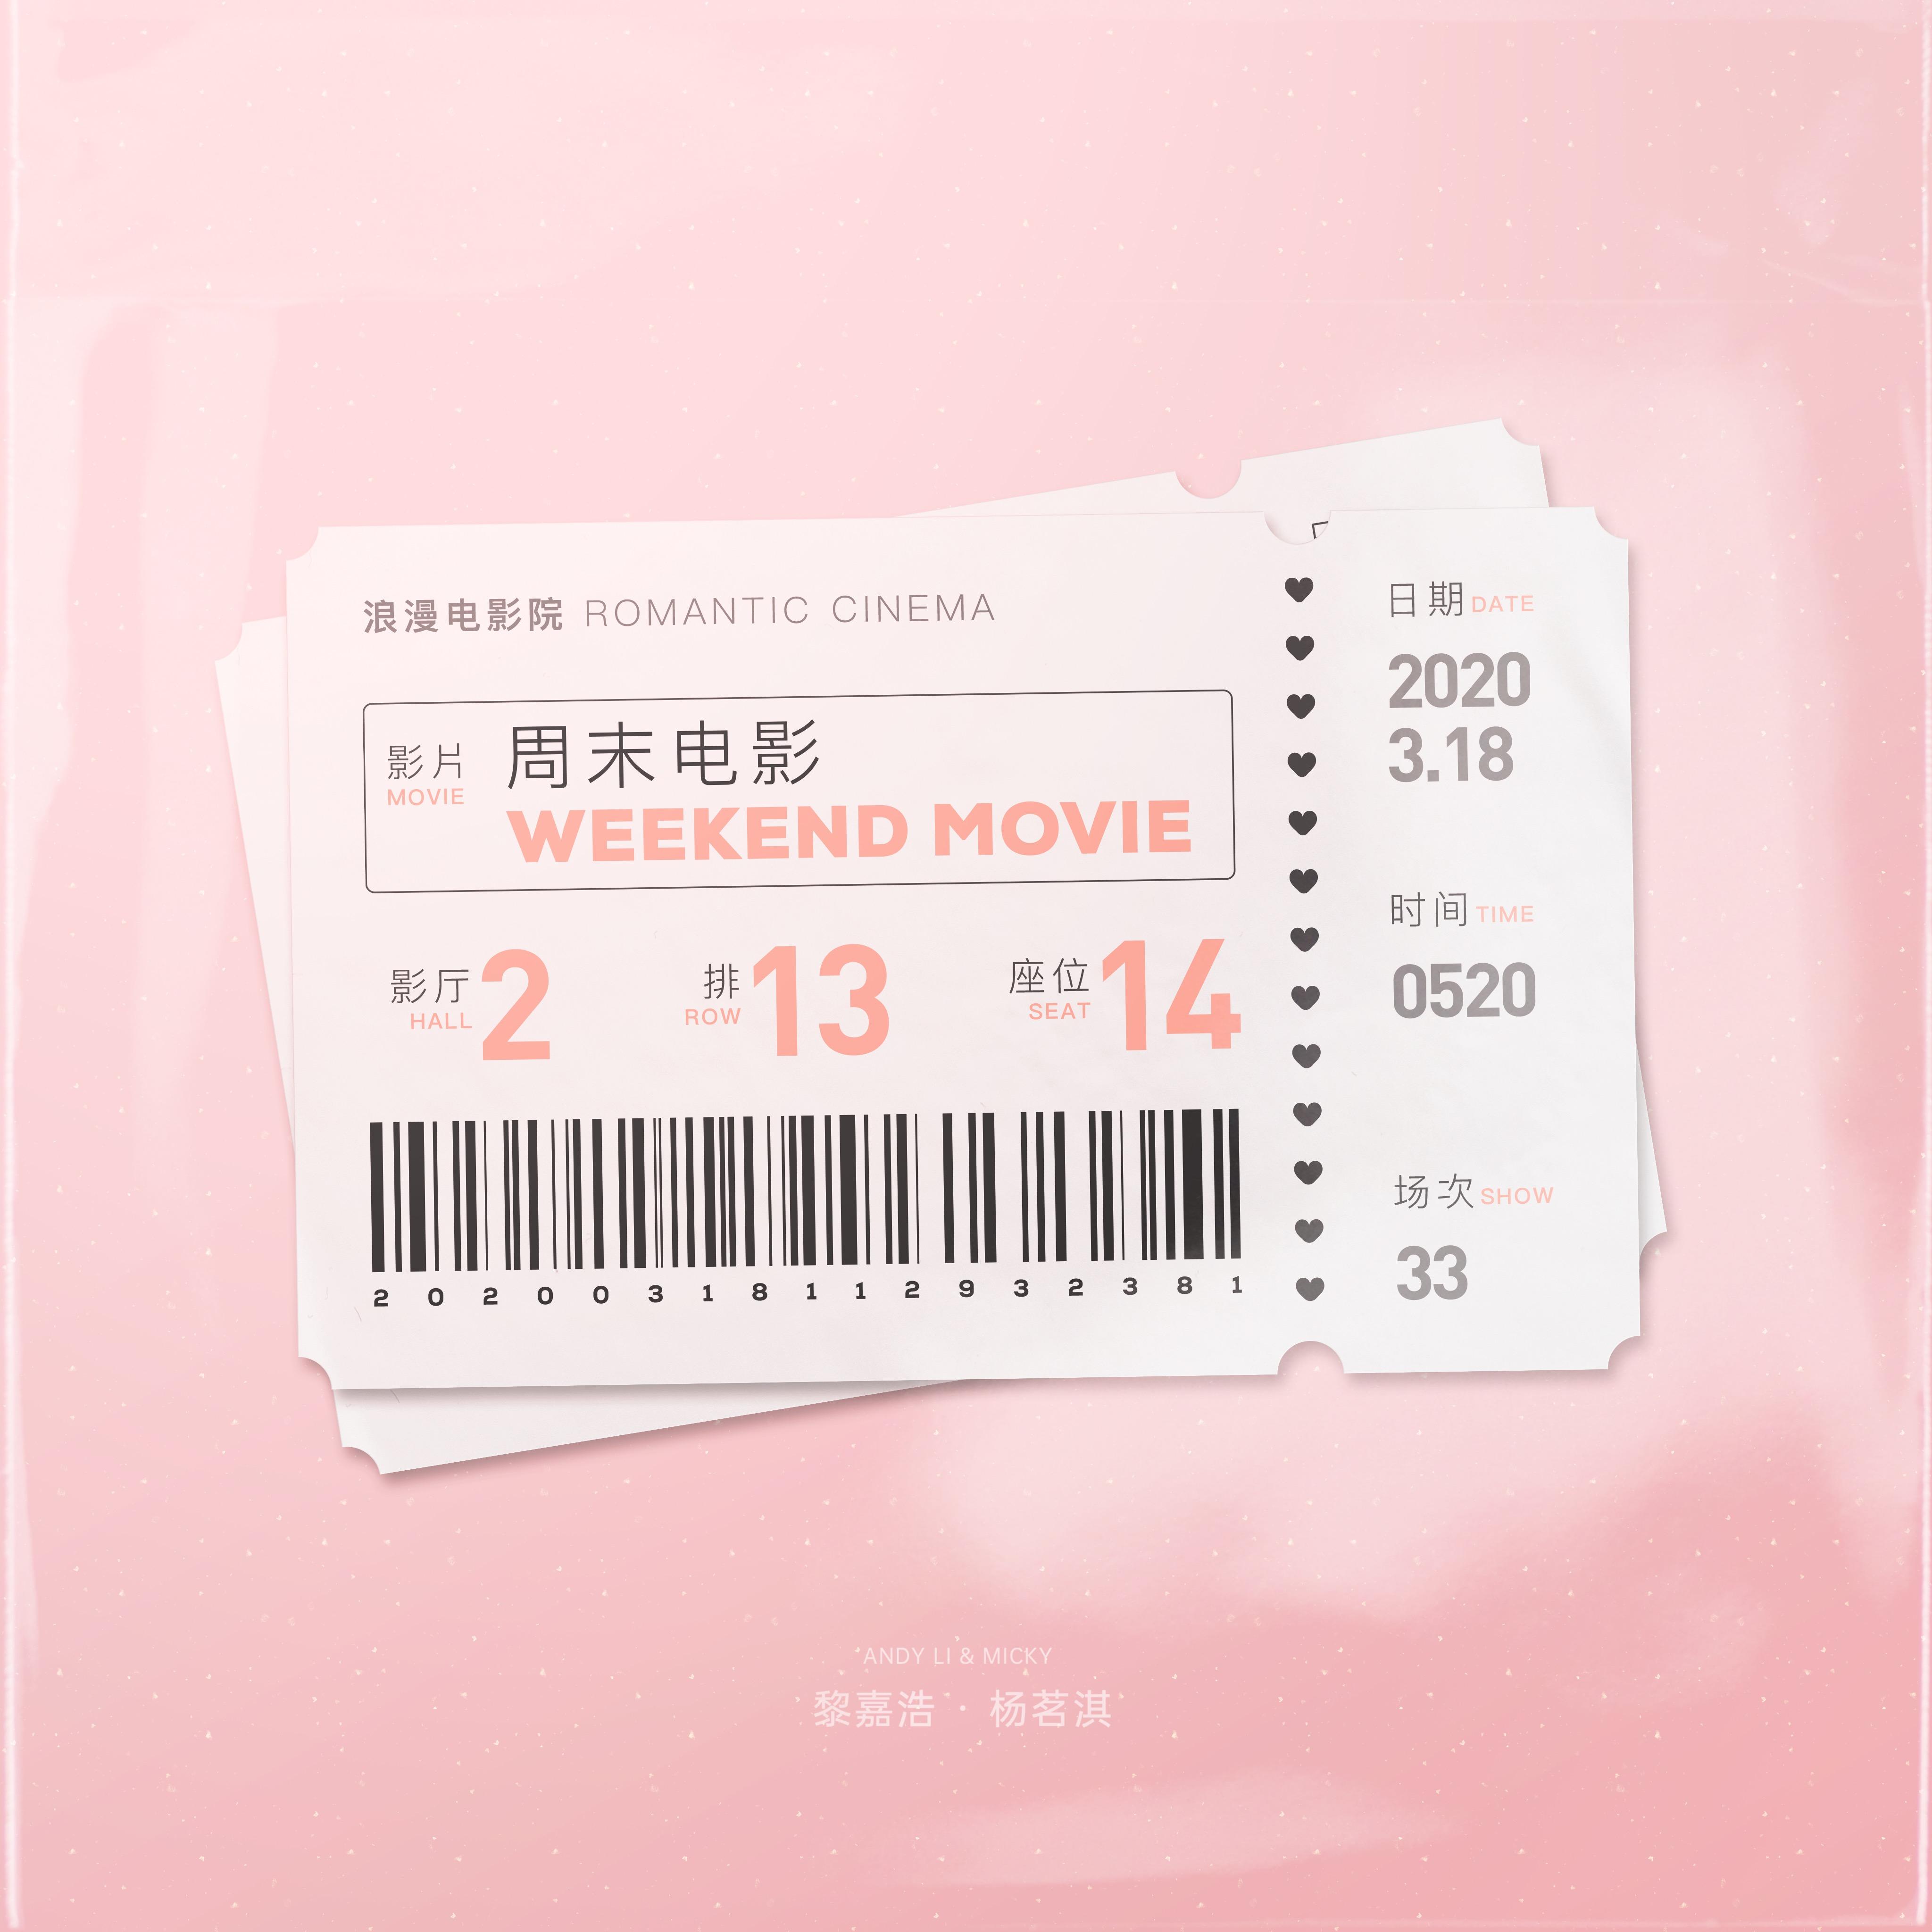 黎嘉浩携手杨茗淇甜蜜发声 全新单曲《周末电影》曝光